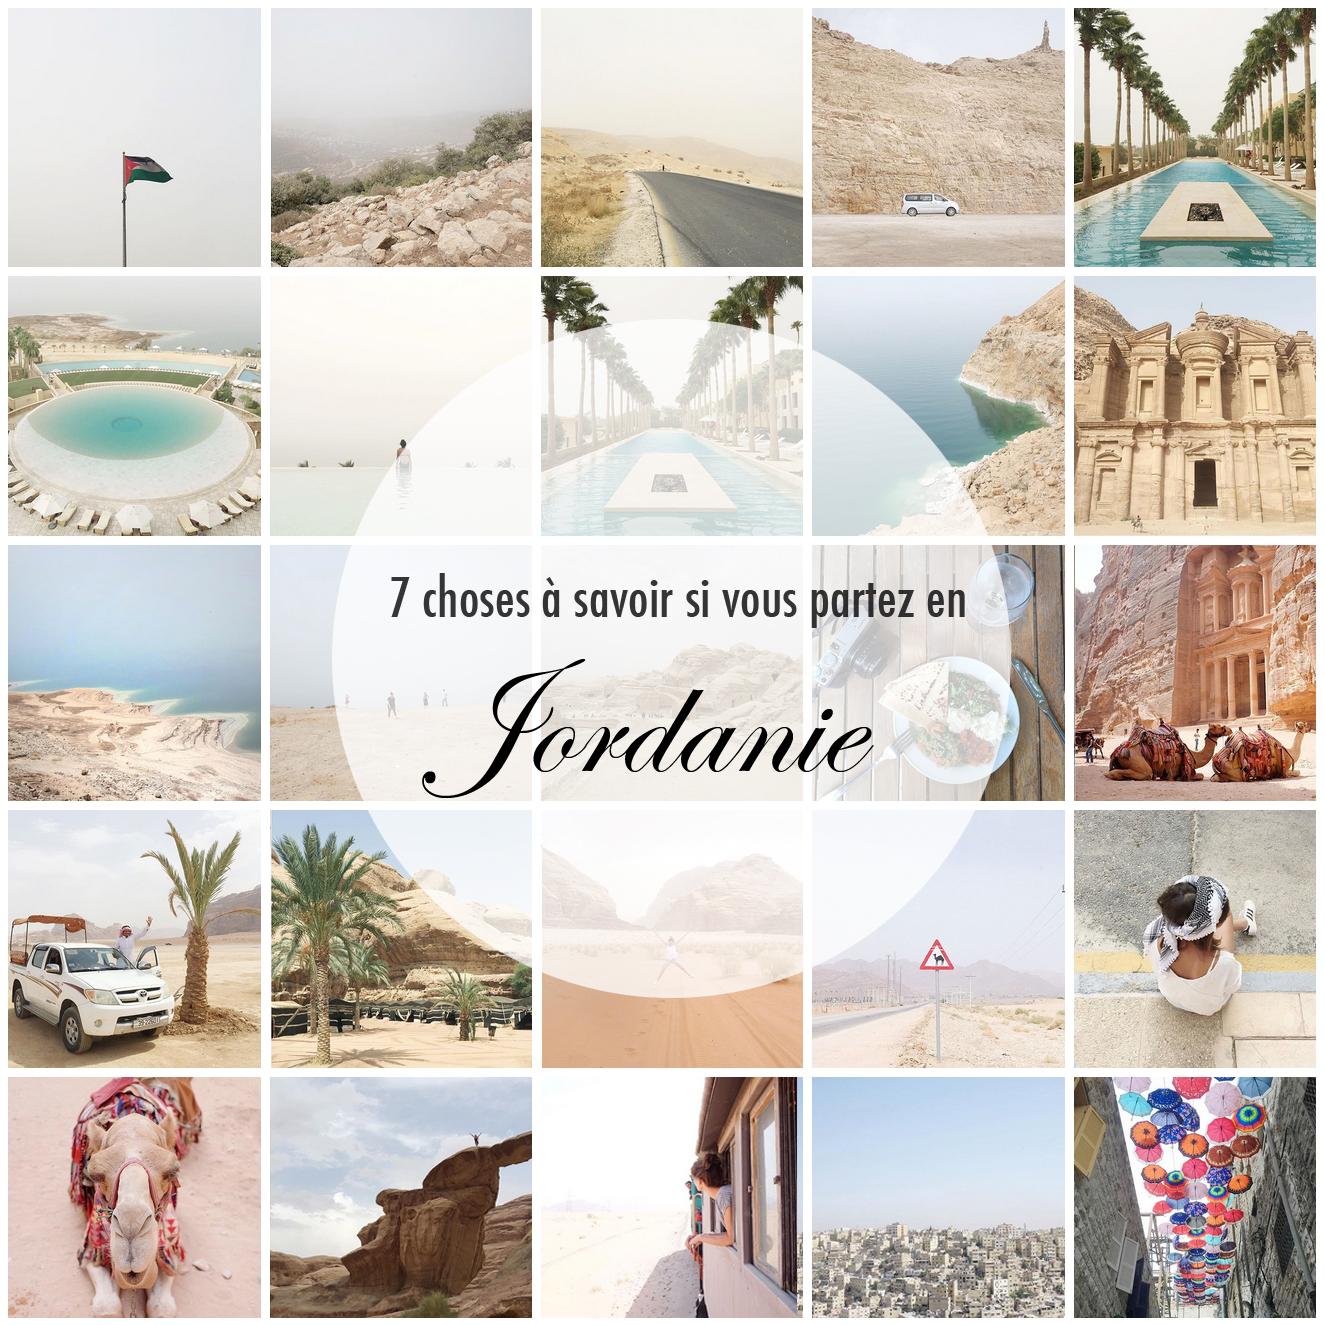 7-choses-savoir-jordanie